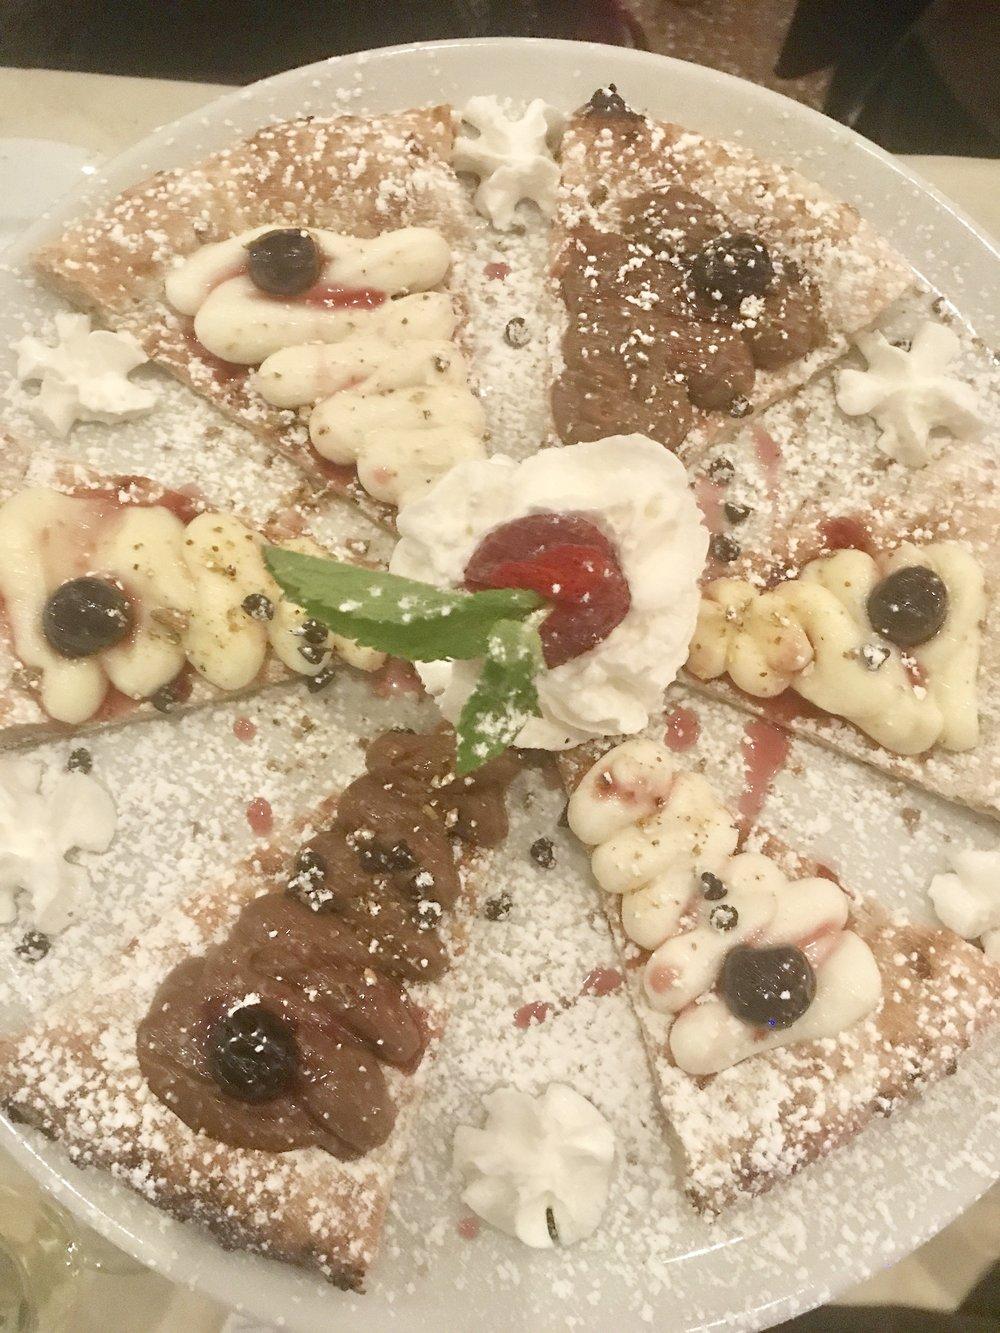 Capri Dessert Pizza